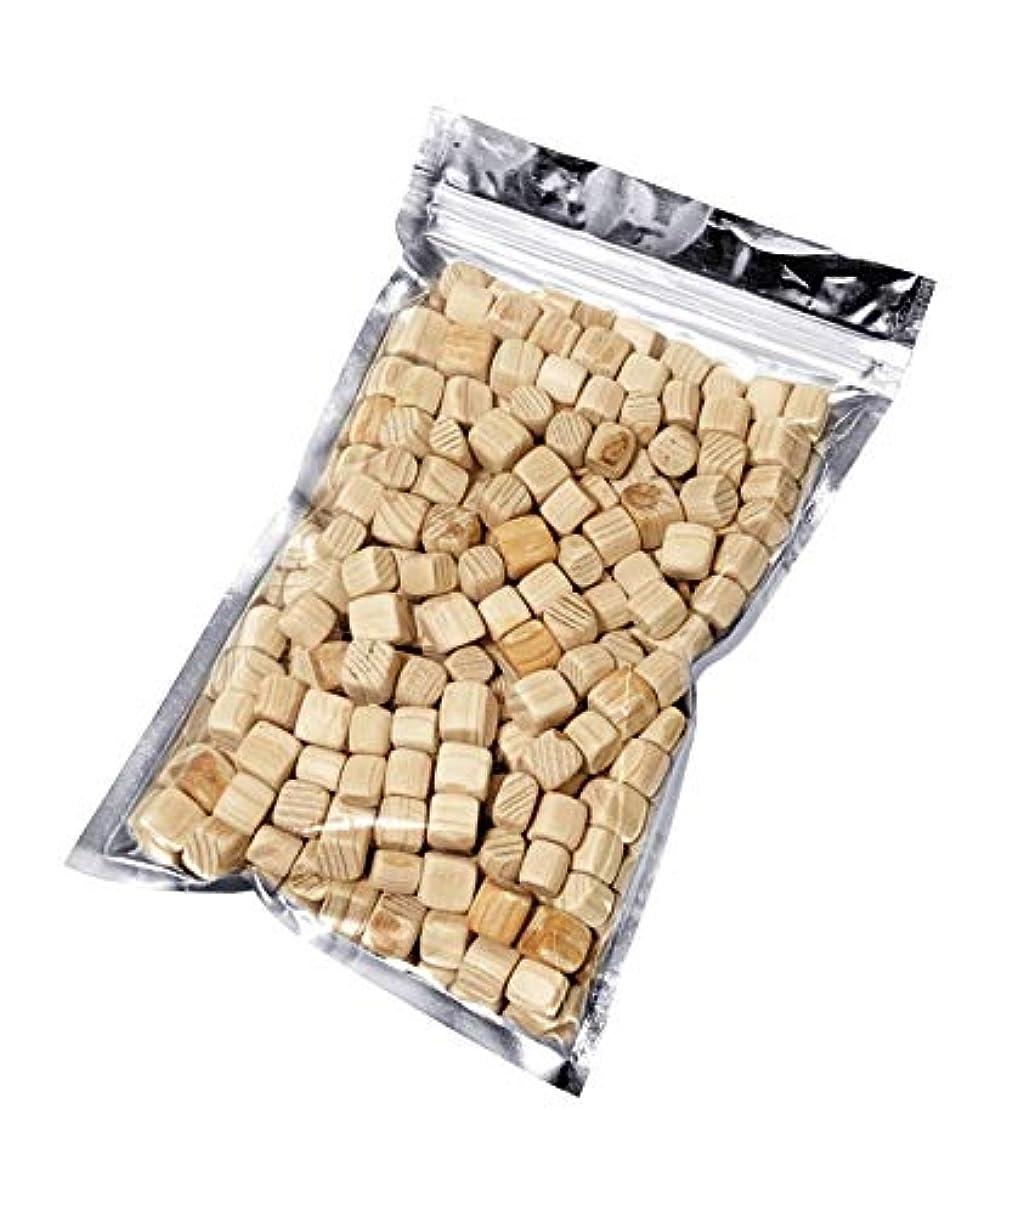 スリンク耕す掃除kicoriya 国産ヒノキ キューブ状ブロック 90g サシェ用袋付き